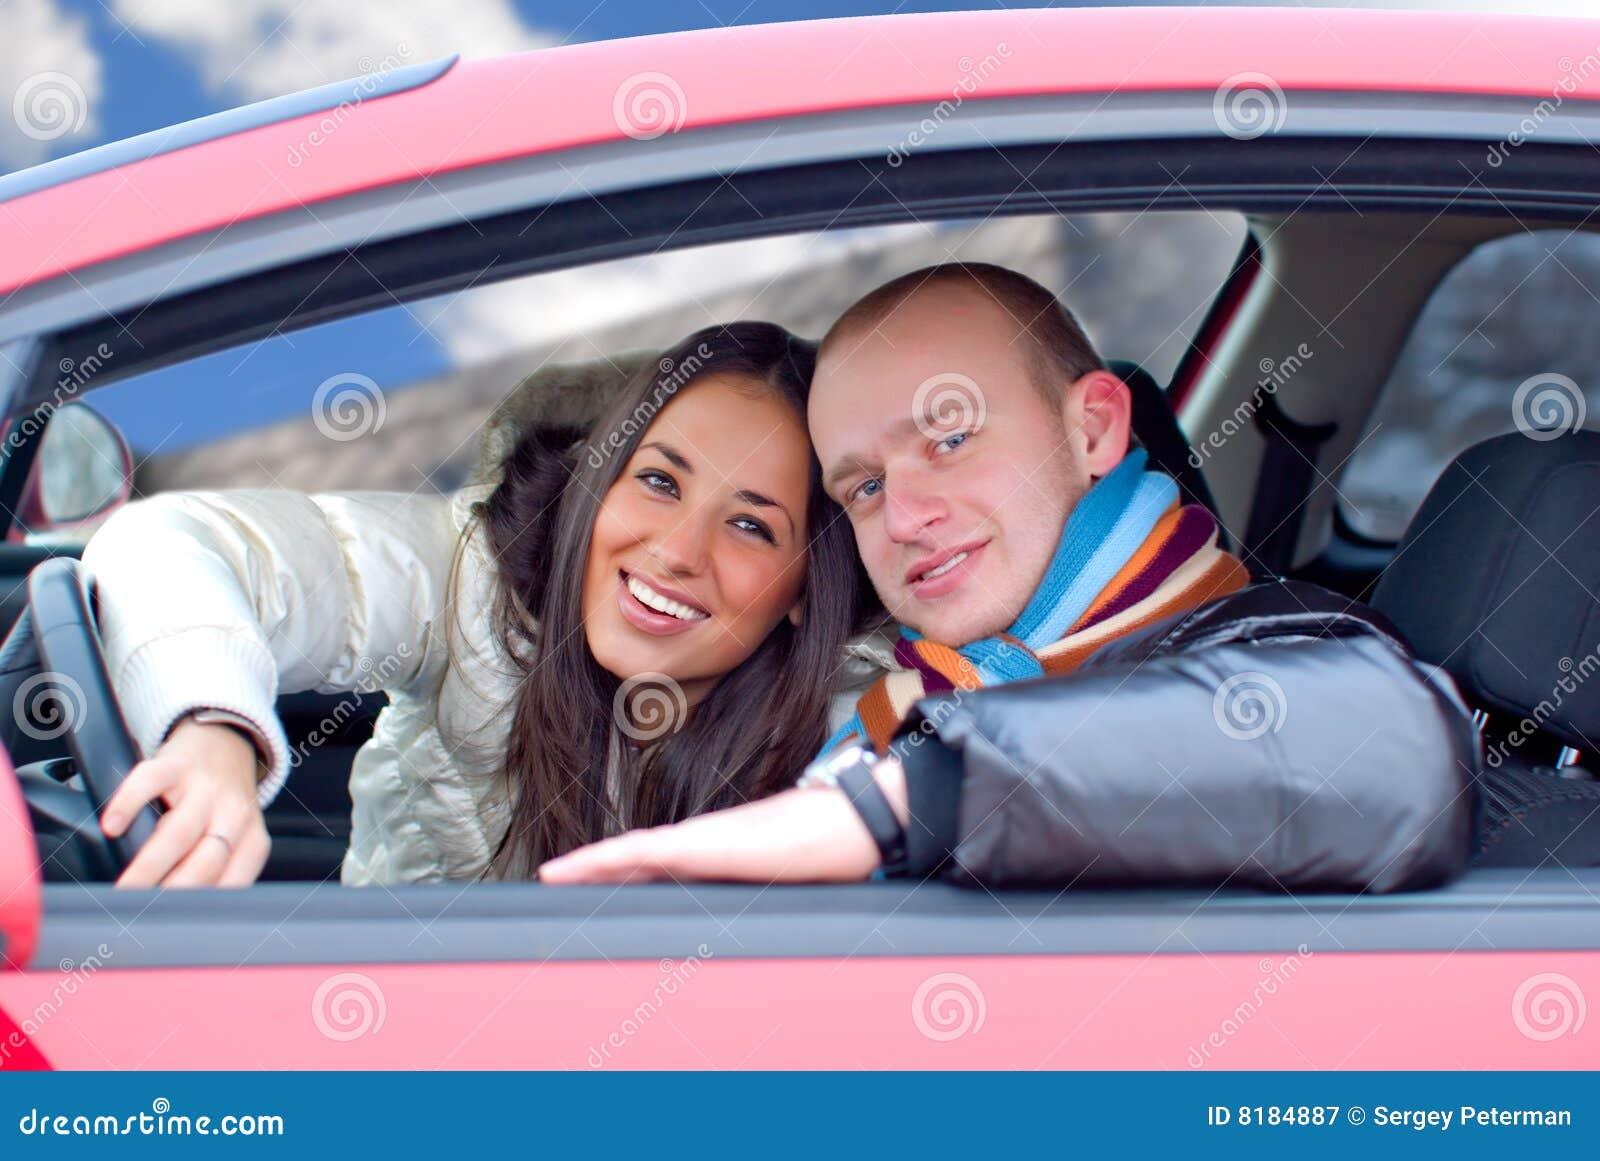 Фото пара в машине 26 фотография